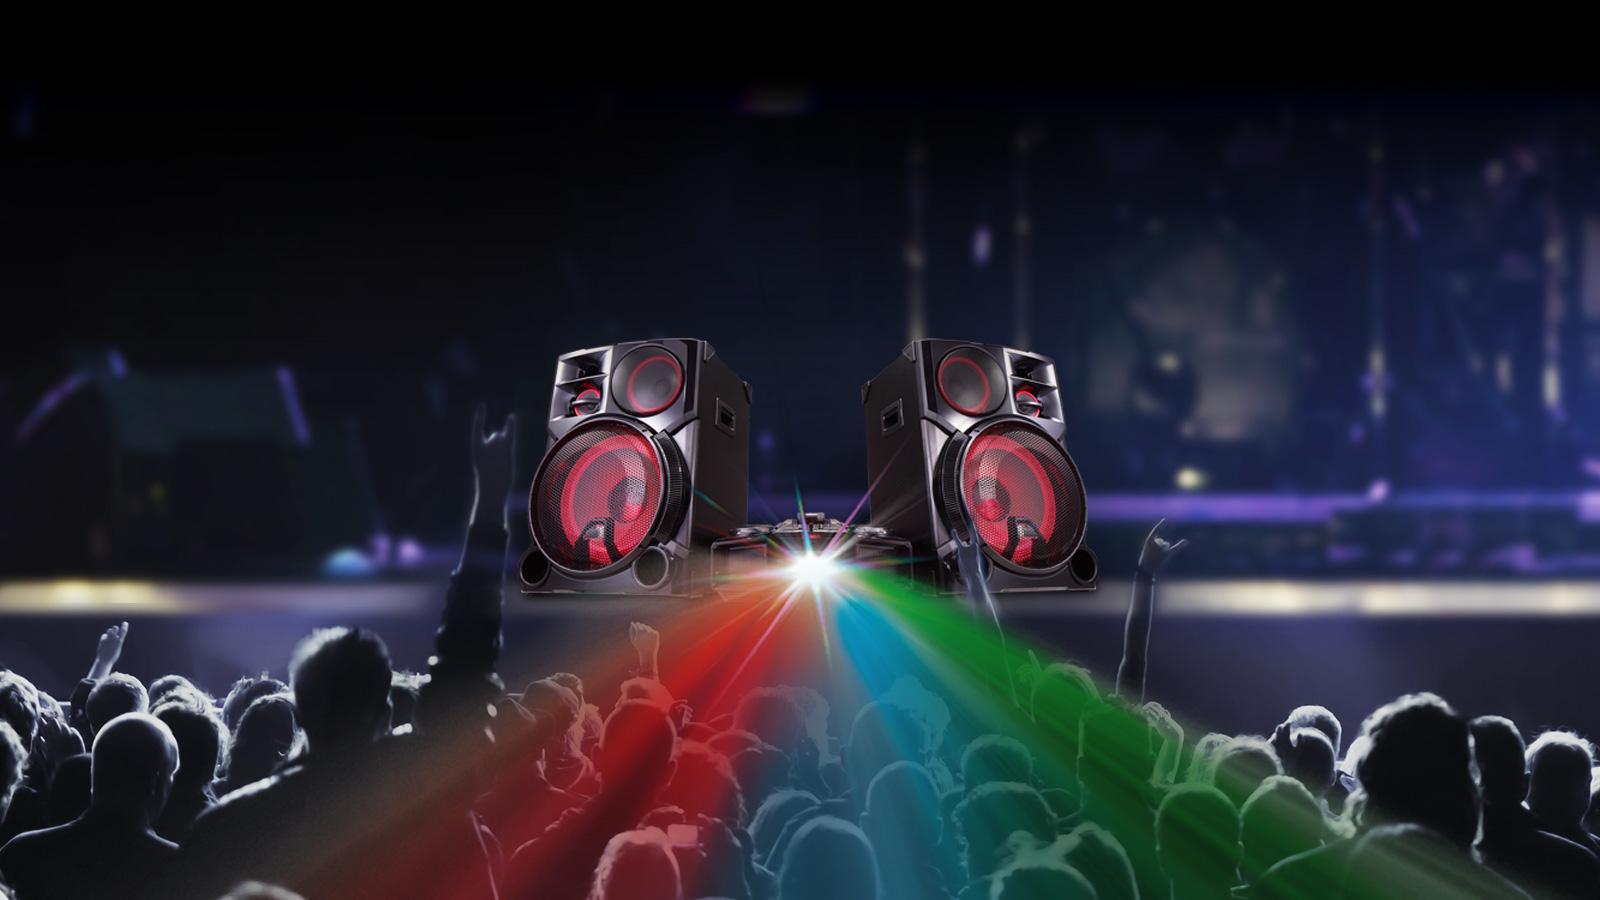 http://www.lg.com/us/images/AV/features/CM9960%2005_Party-Lighting.jpg